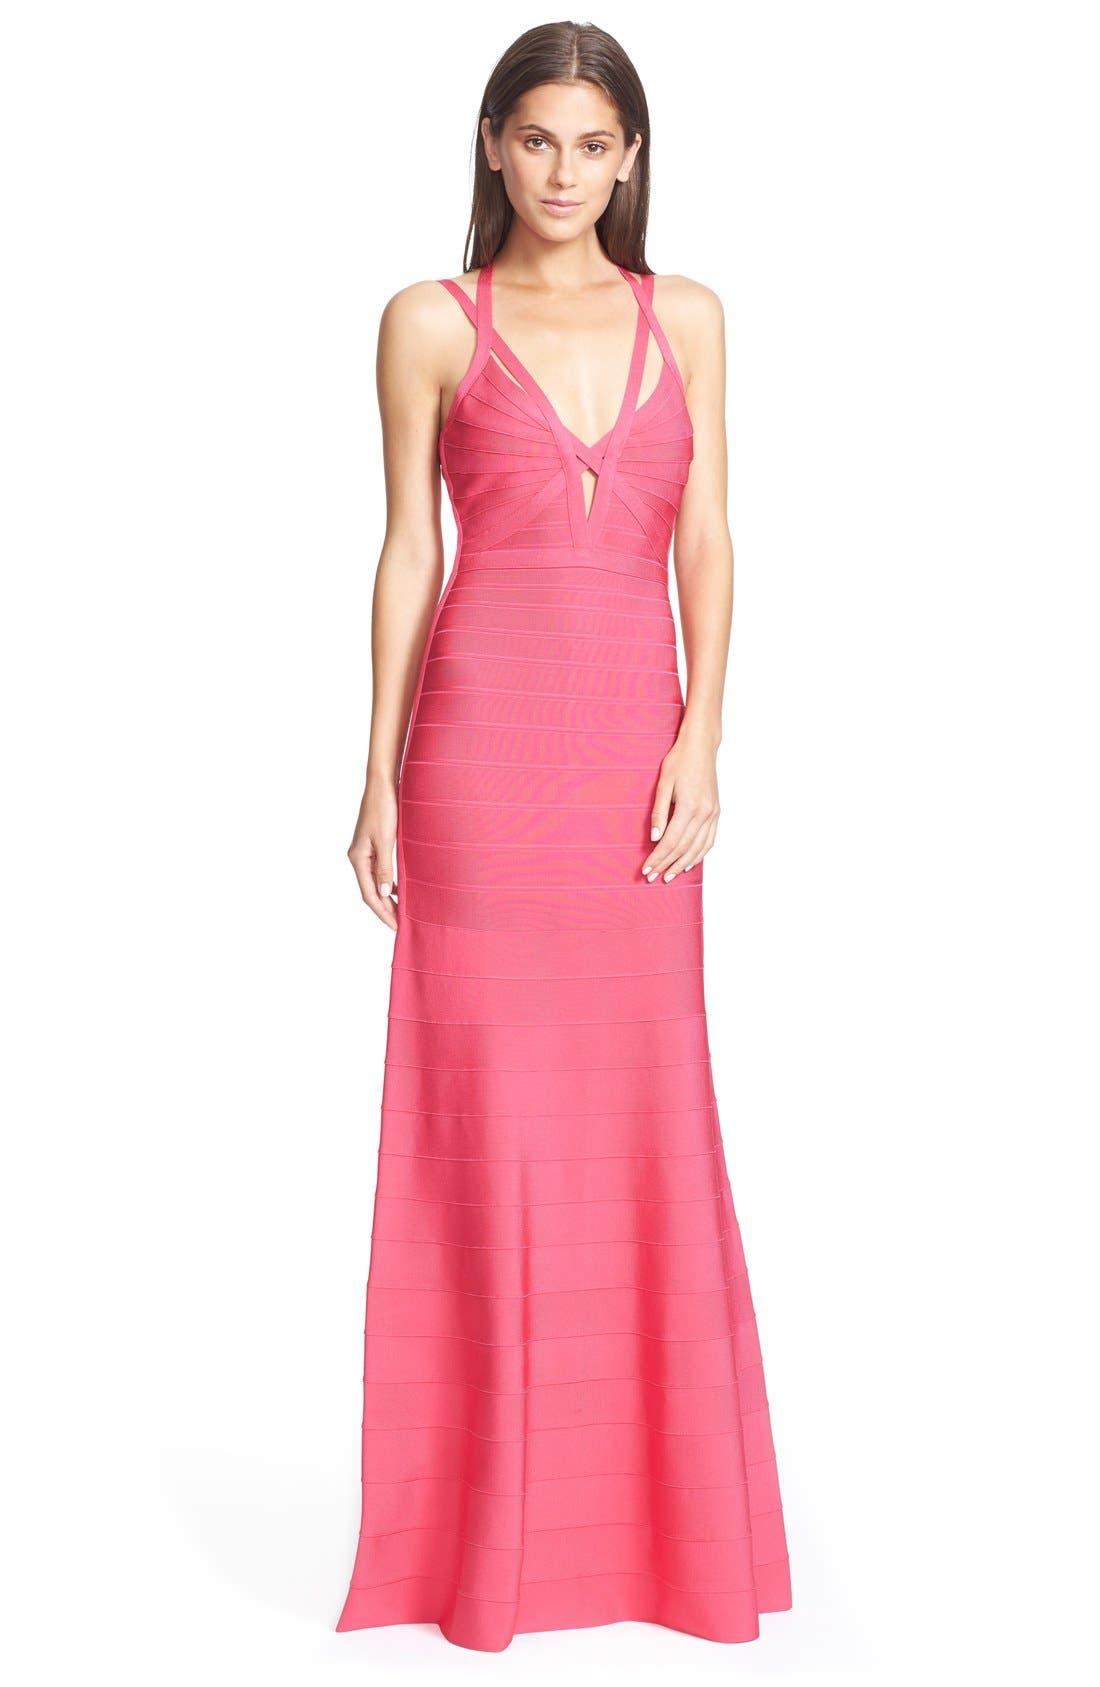 Alternate Image 1 Selected - HerveLeger 'Adalet' Mermaid Bandage Gown